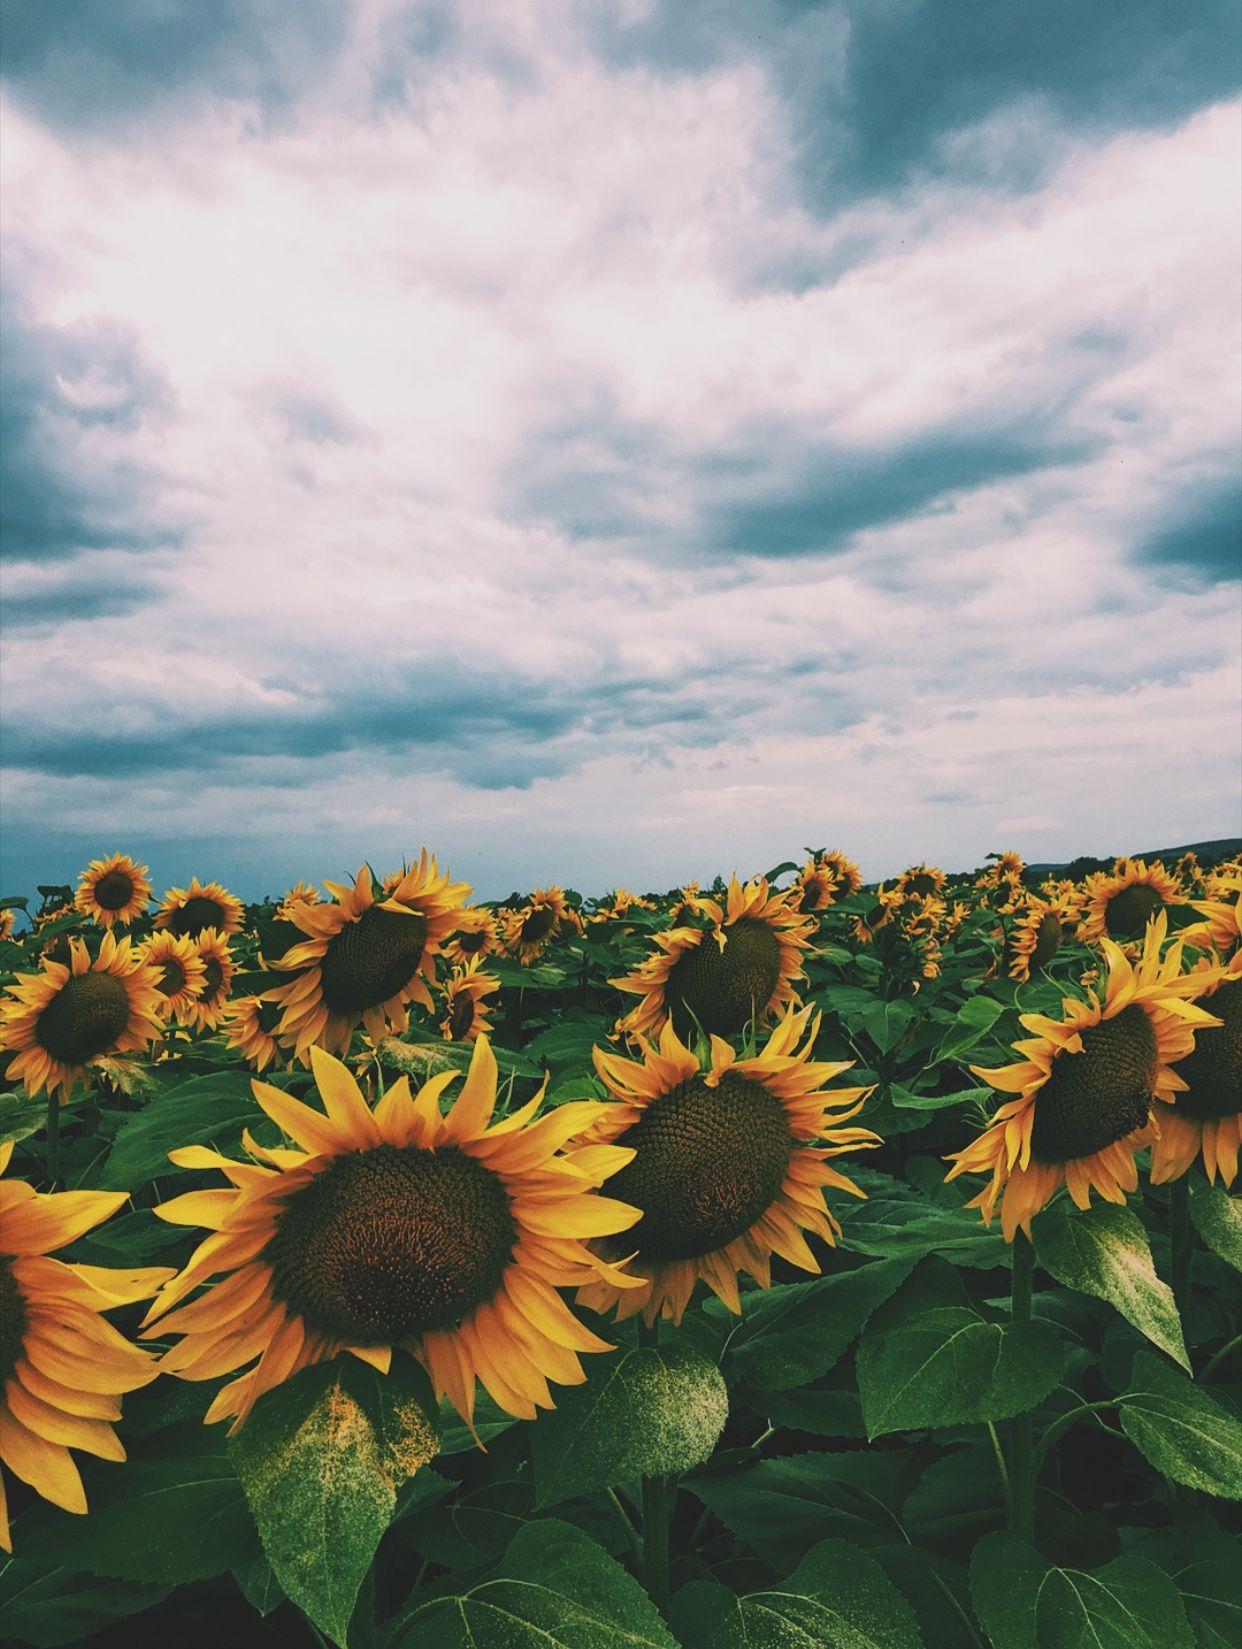 Sunflowers At Summer Summer Storm Sunflower Sun